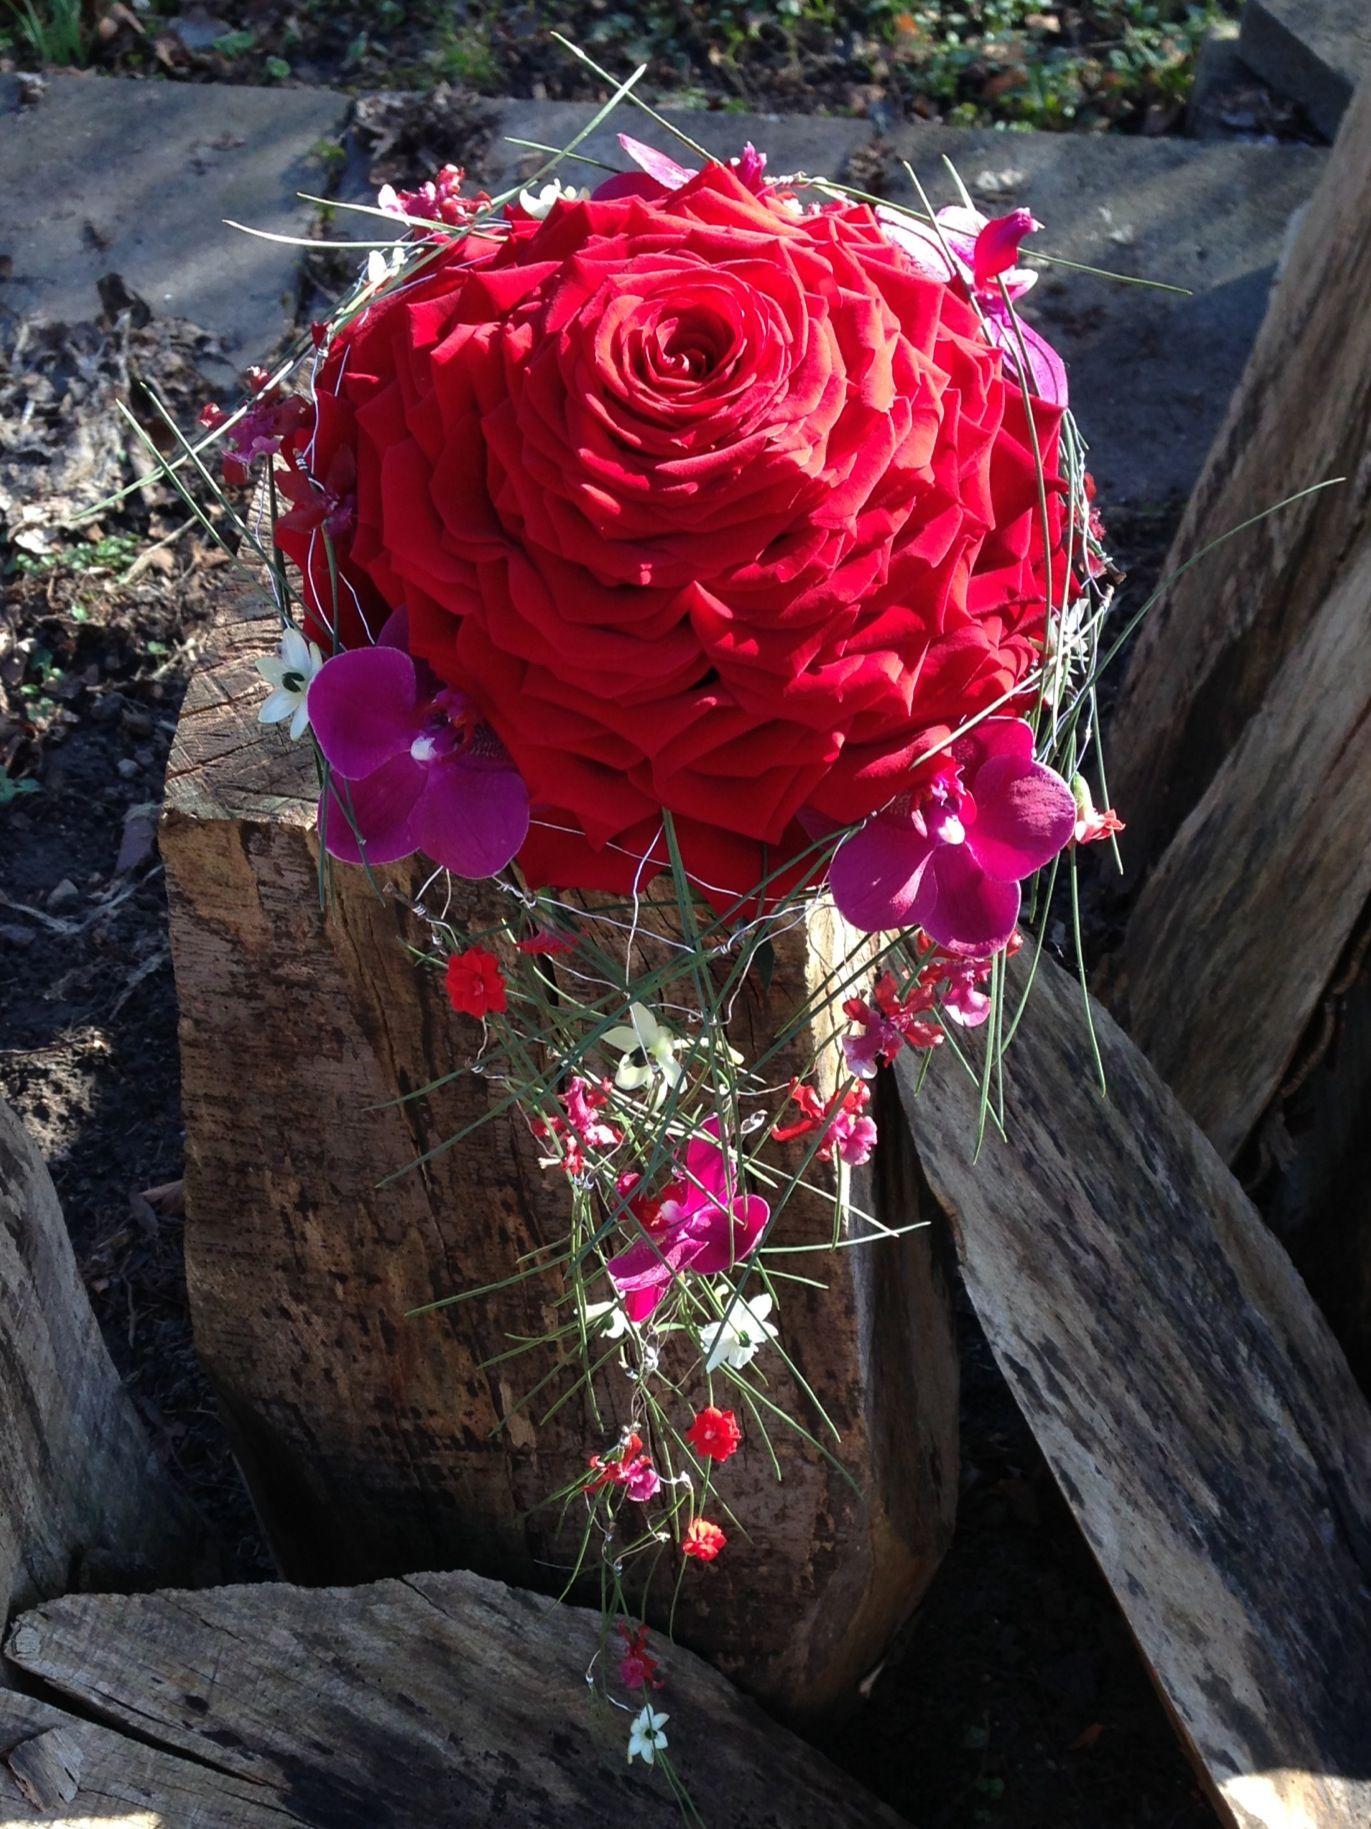 Brudebuketten.dk Syet rose med fald i fyrnåle pyntet med orkideer, brændende kærligheds blomster og arabicum